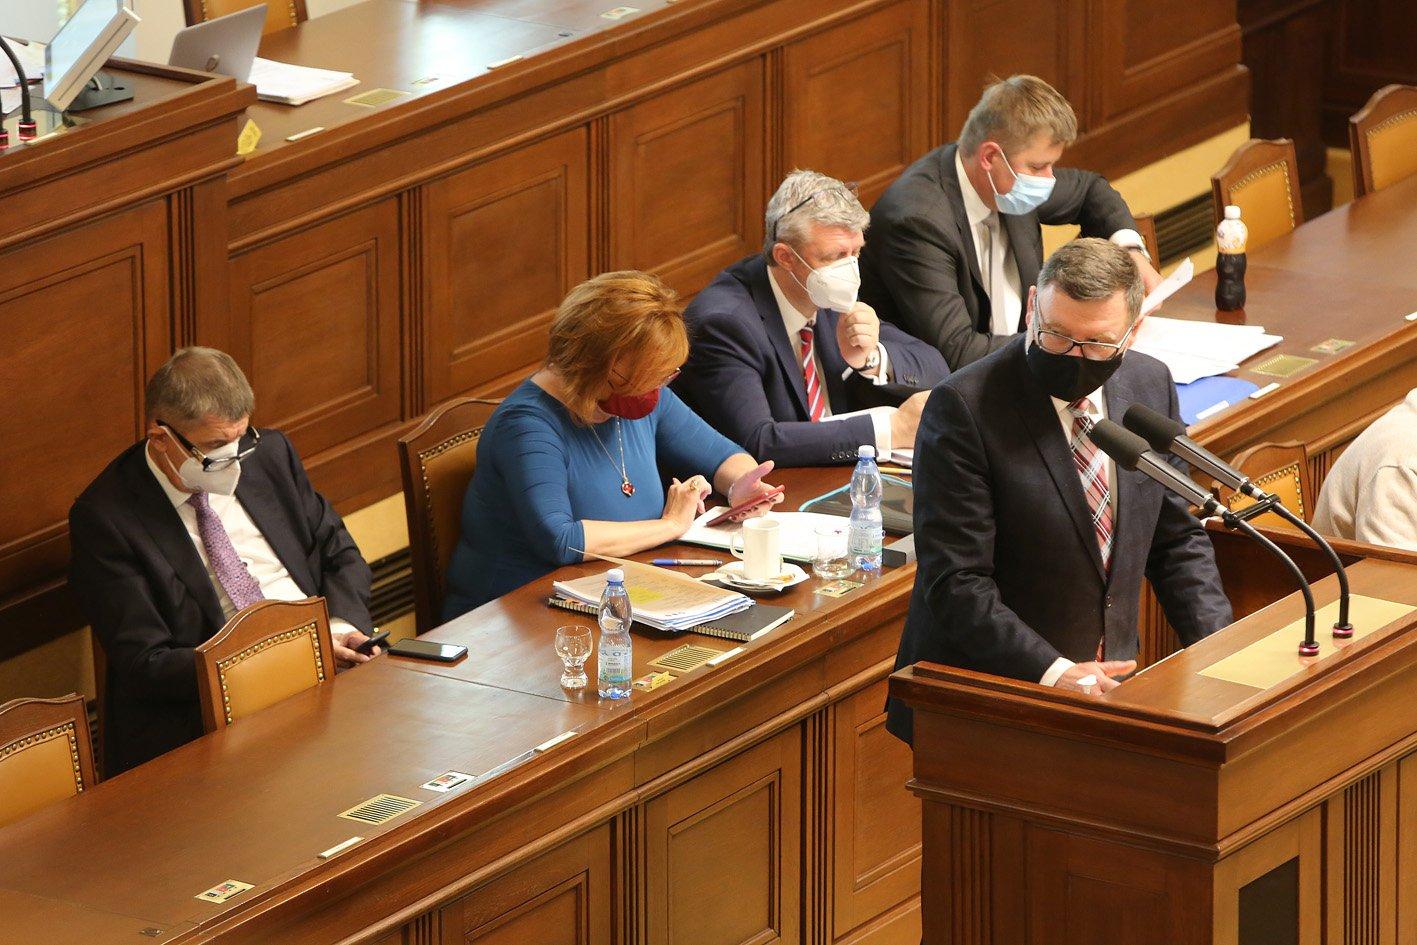 Národní plán obnovy mohl nastartovat ČR, místo toho nás asi čeká fiasko